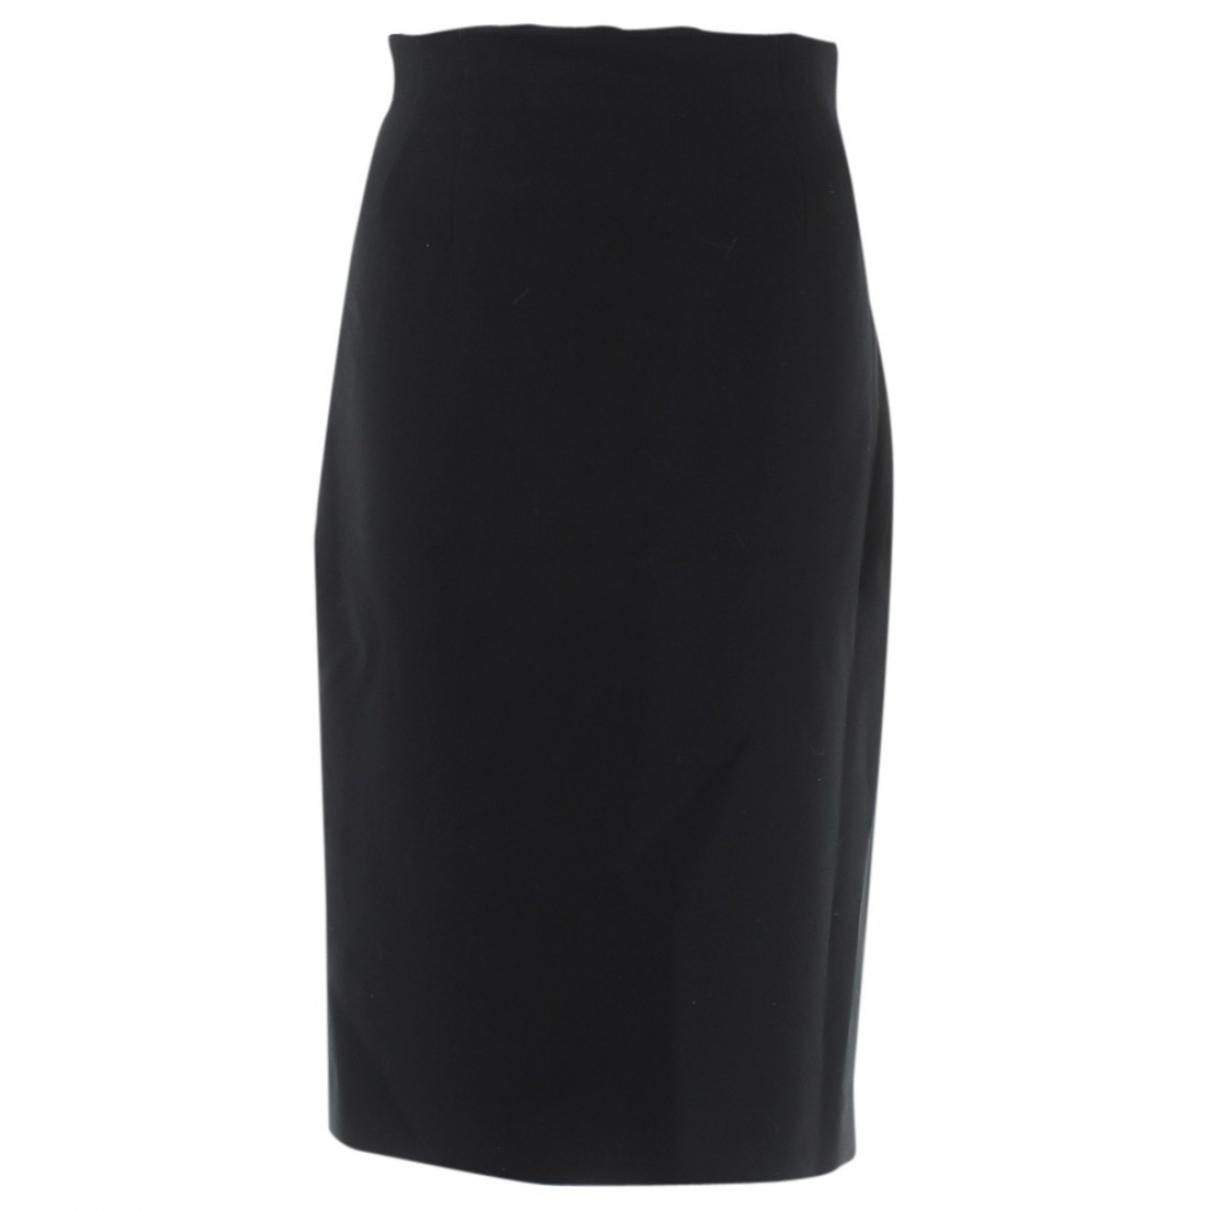 Joseph \N Black skirt for Women 38 FR